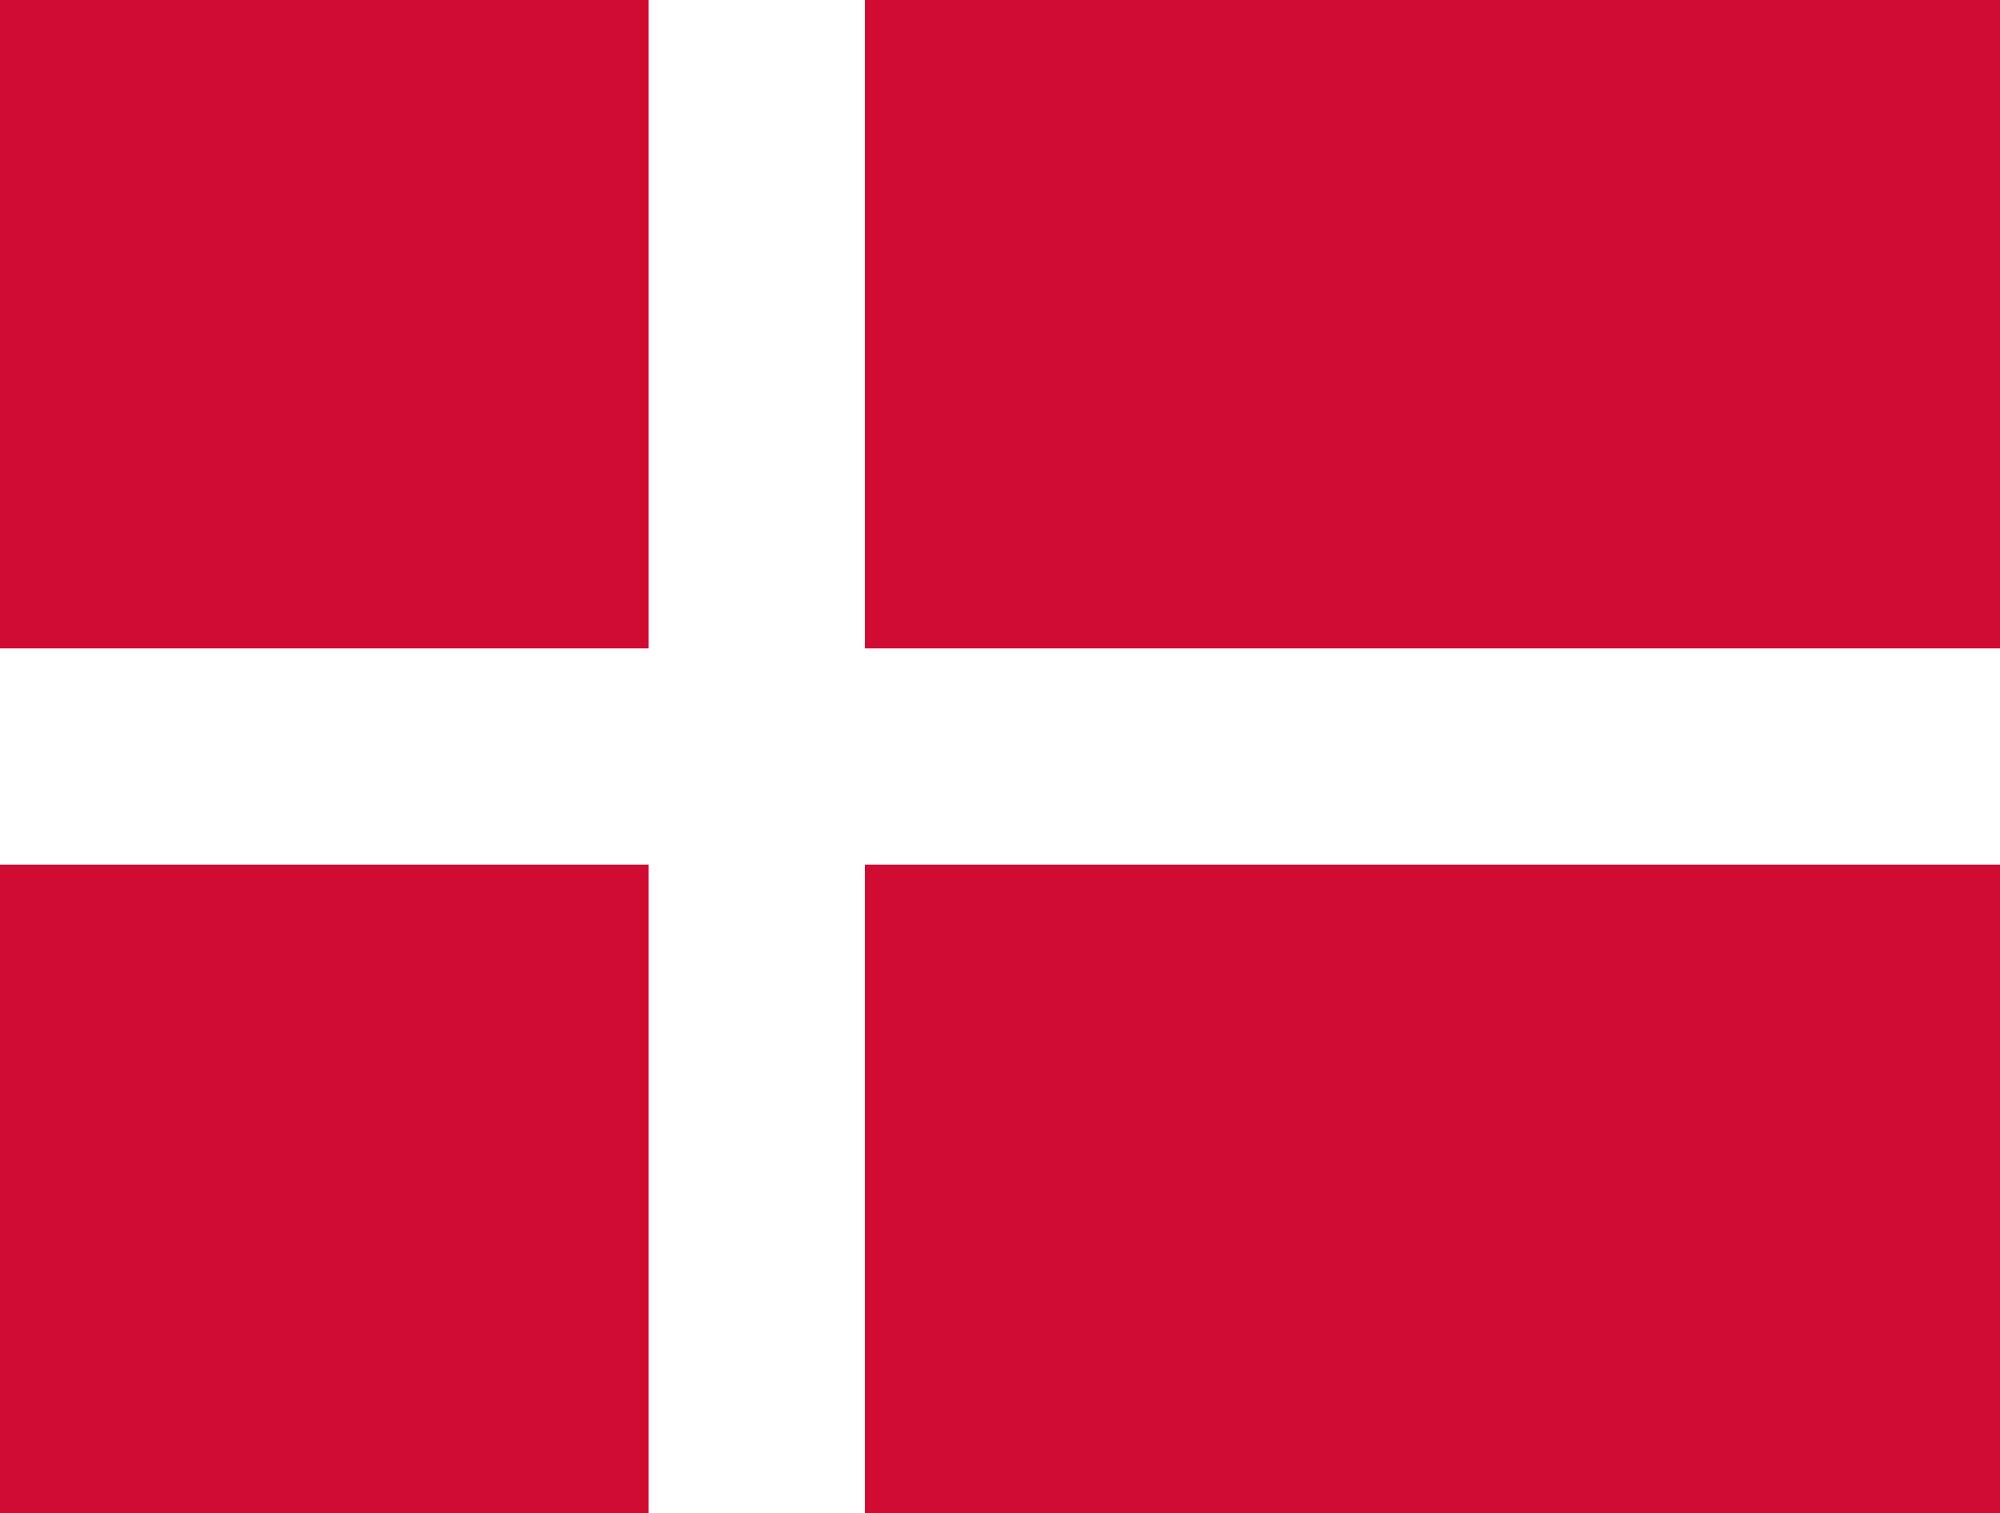 I contratti di lavoro in Europa - Danimarca